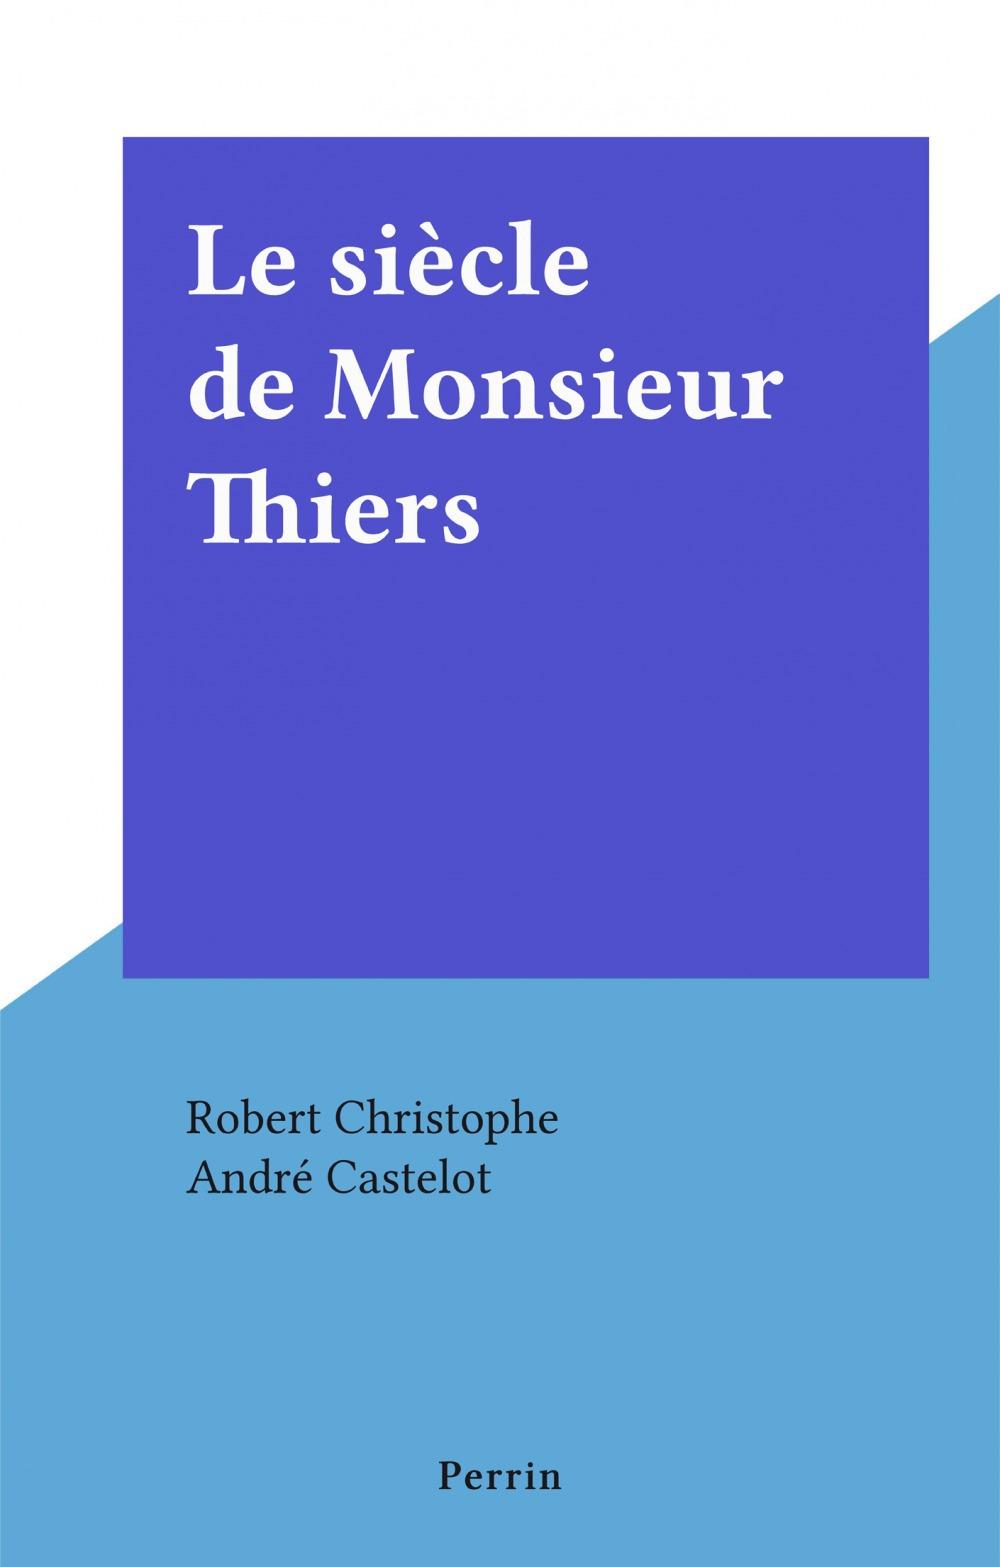 Le siècle de Monsieur Thiers